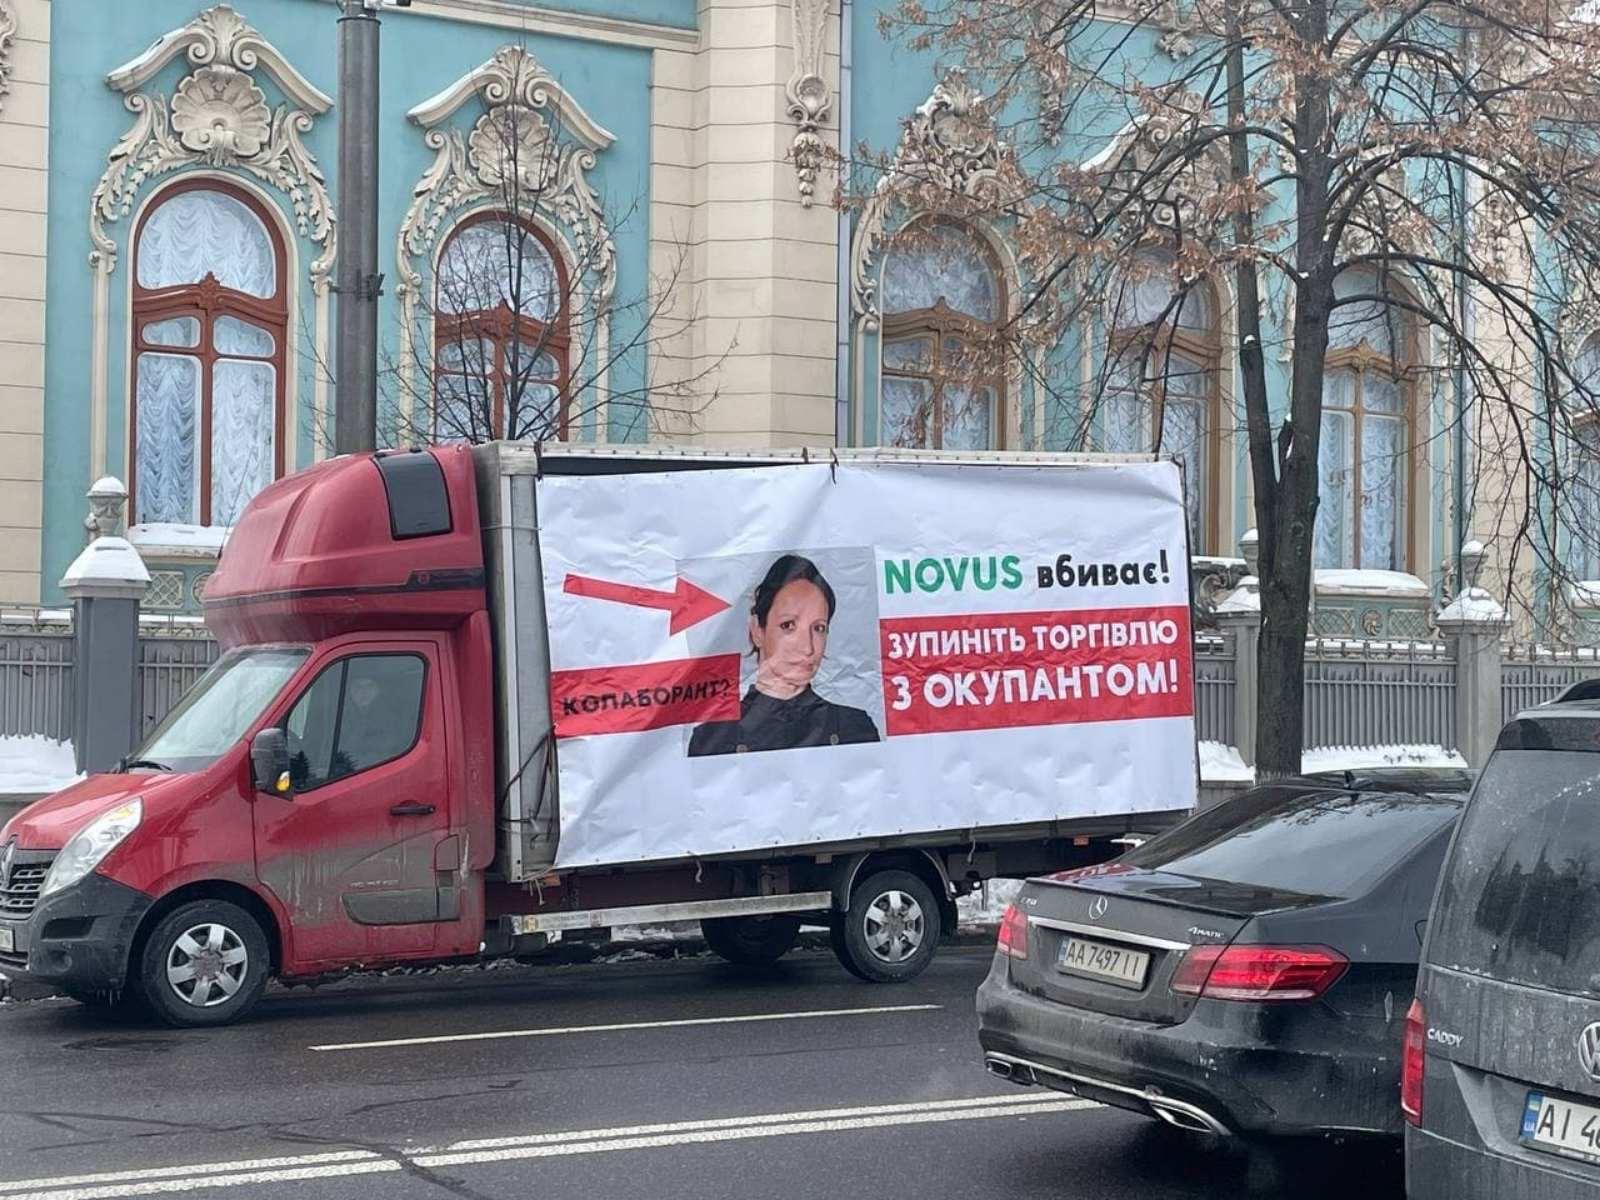 Под Верховной Радой митинговали против сети Novus  - фото 2